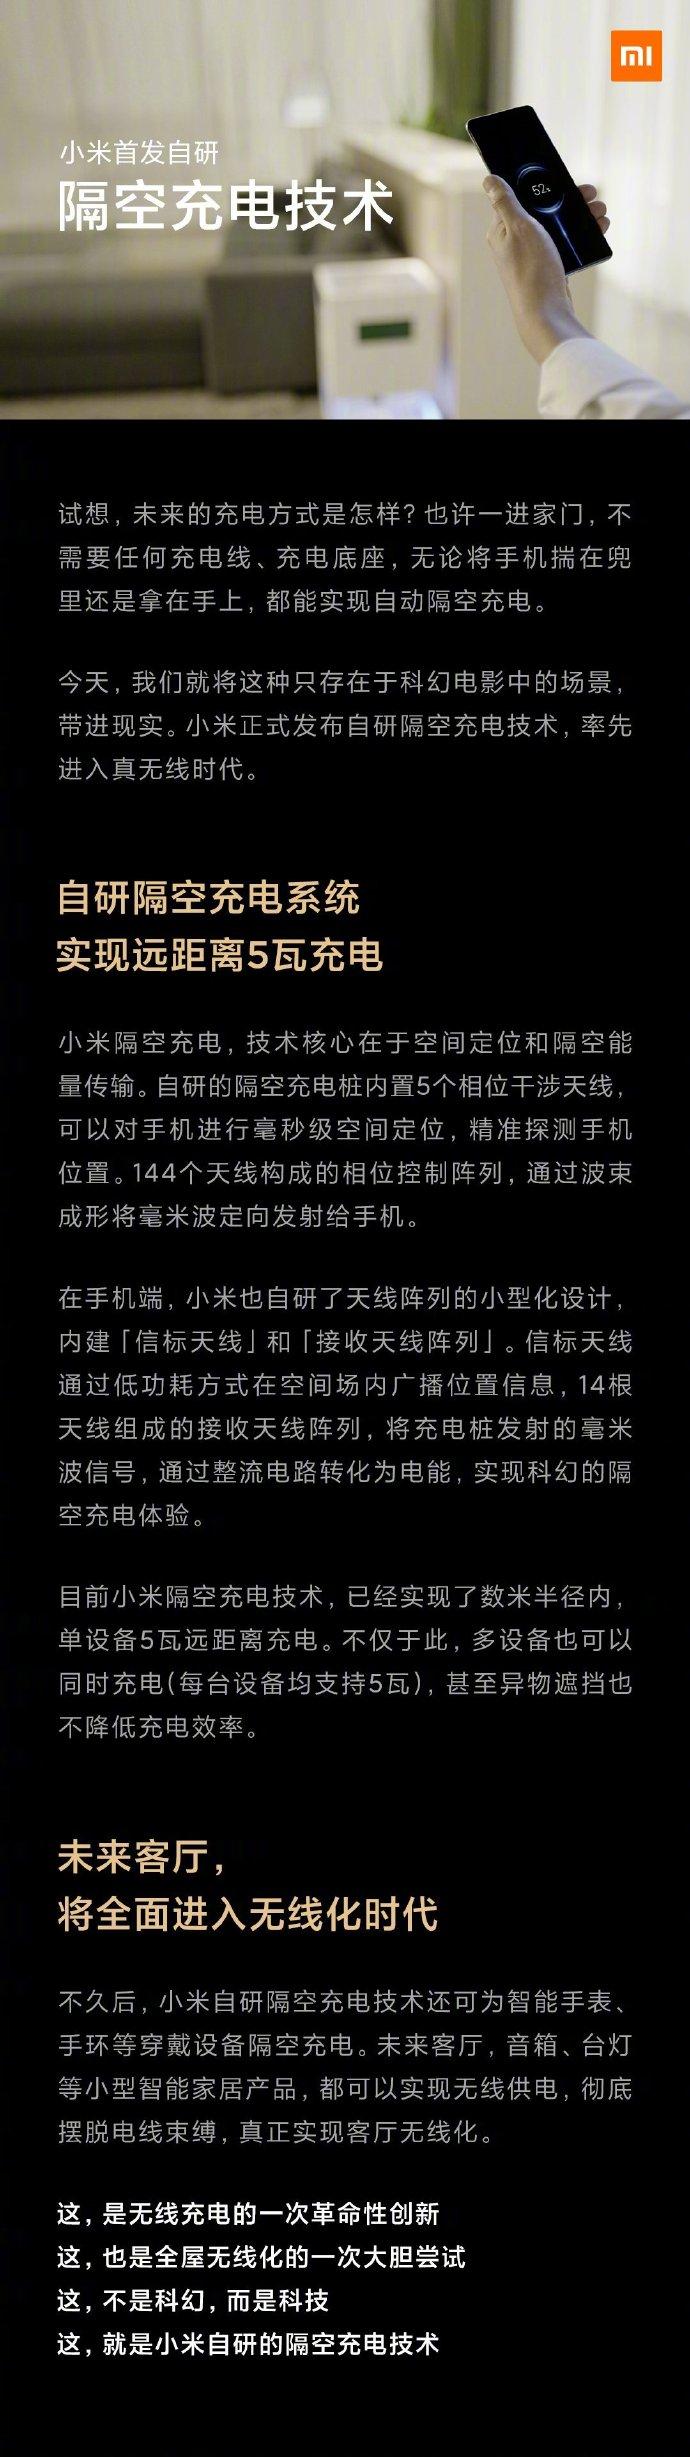 """一图读懂小米""""隔空充电""""技术-玩懂手机网 - 玩懂手机第一手的手机资讯网(www.wdshouji.com)"""